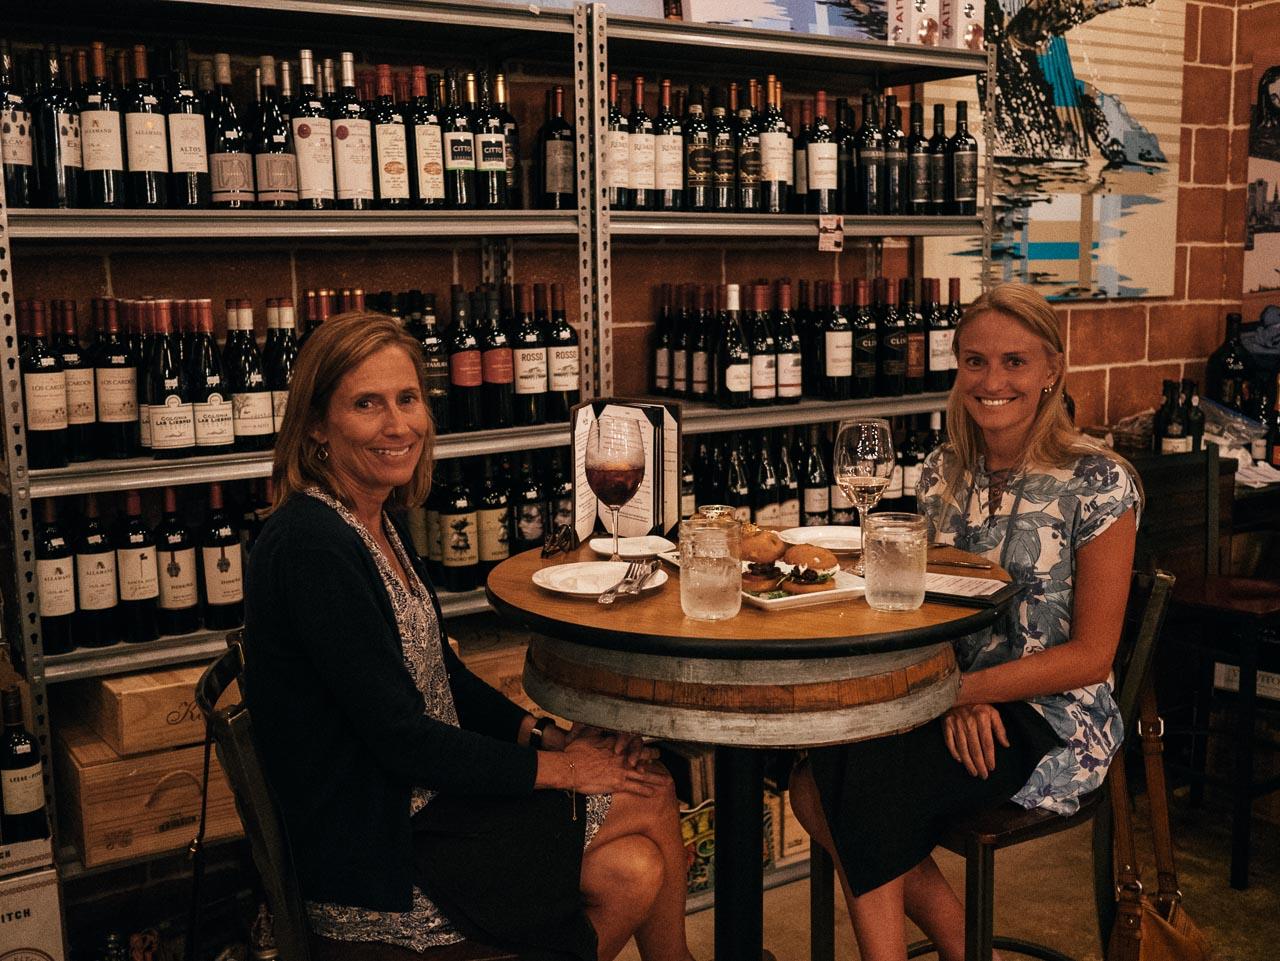 Jacksonville wine